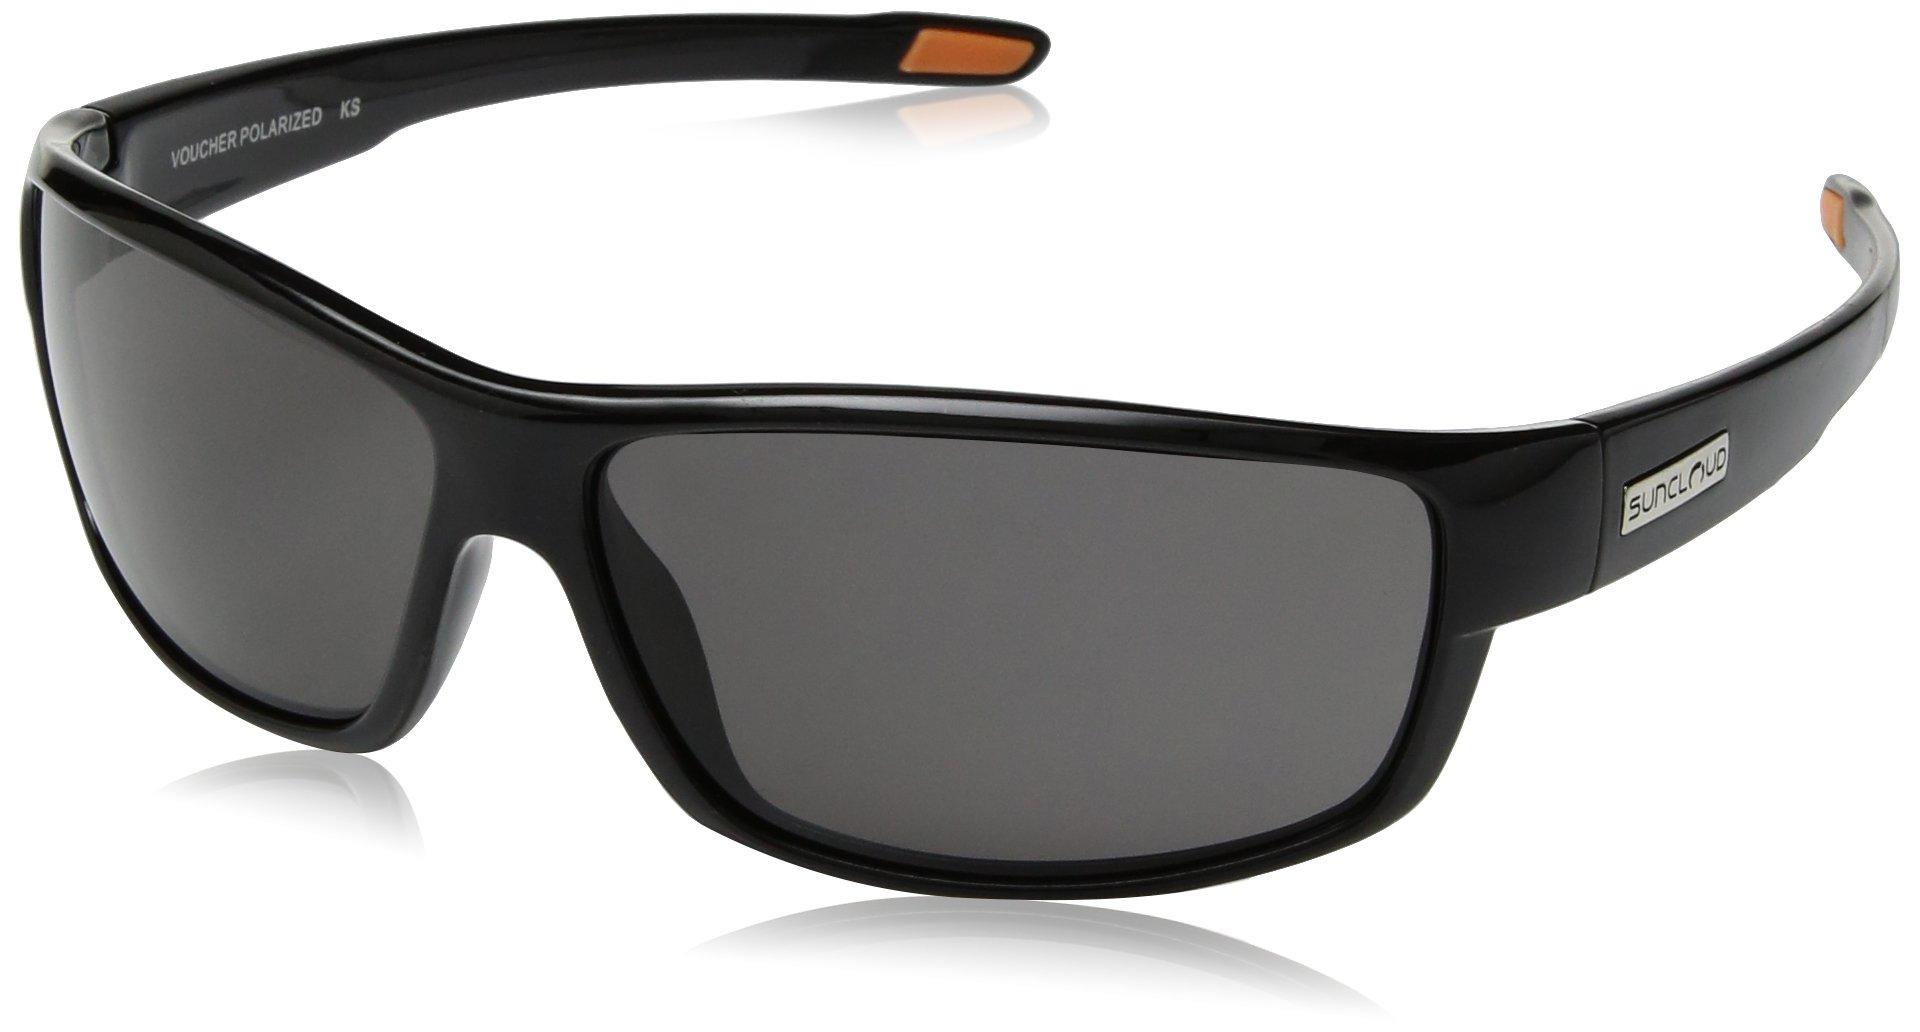 502d7e99b26 Suncloud Voucher Polarized Sunglasses